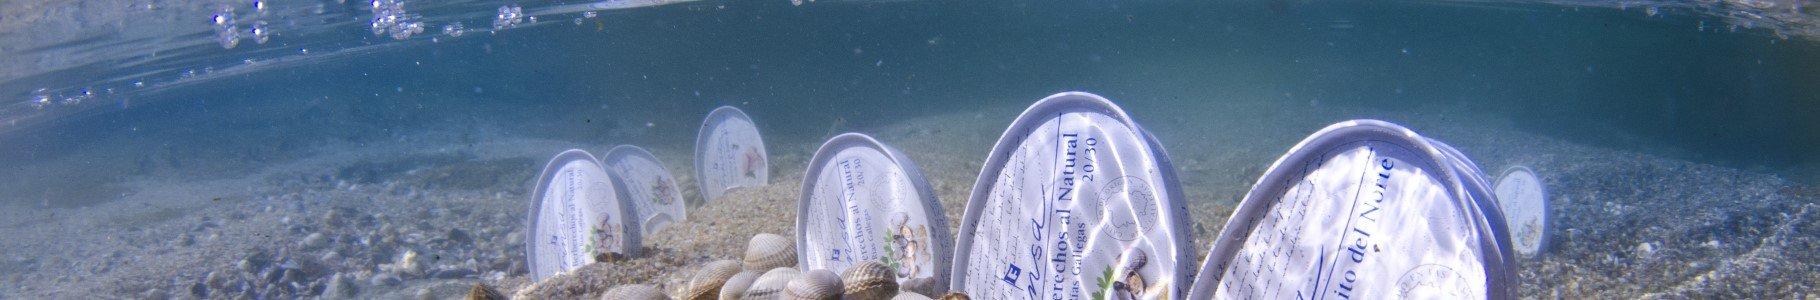 Latas de conserva Frinsa en el mar